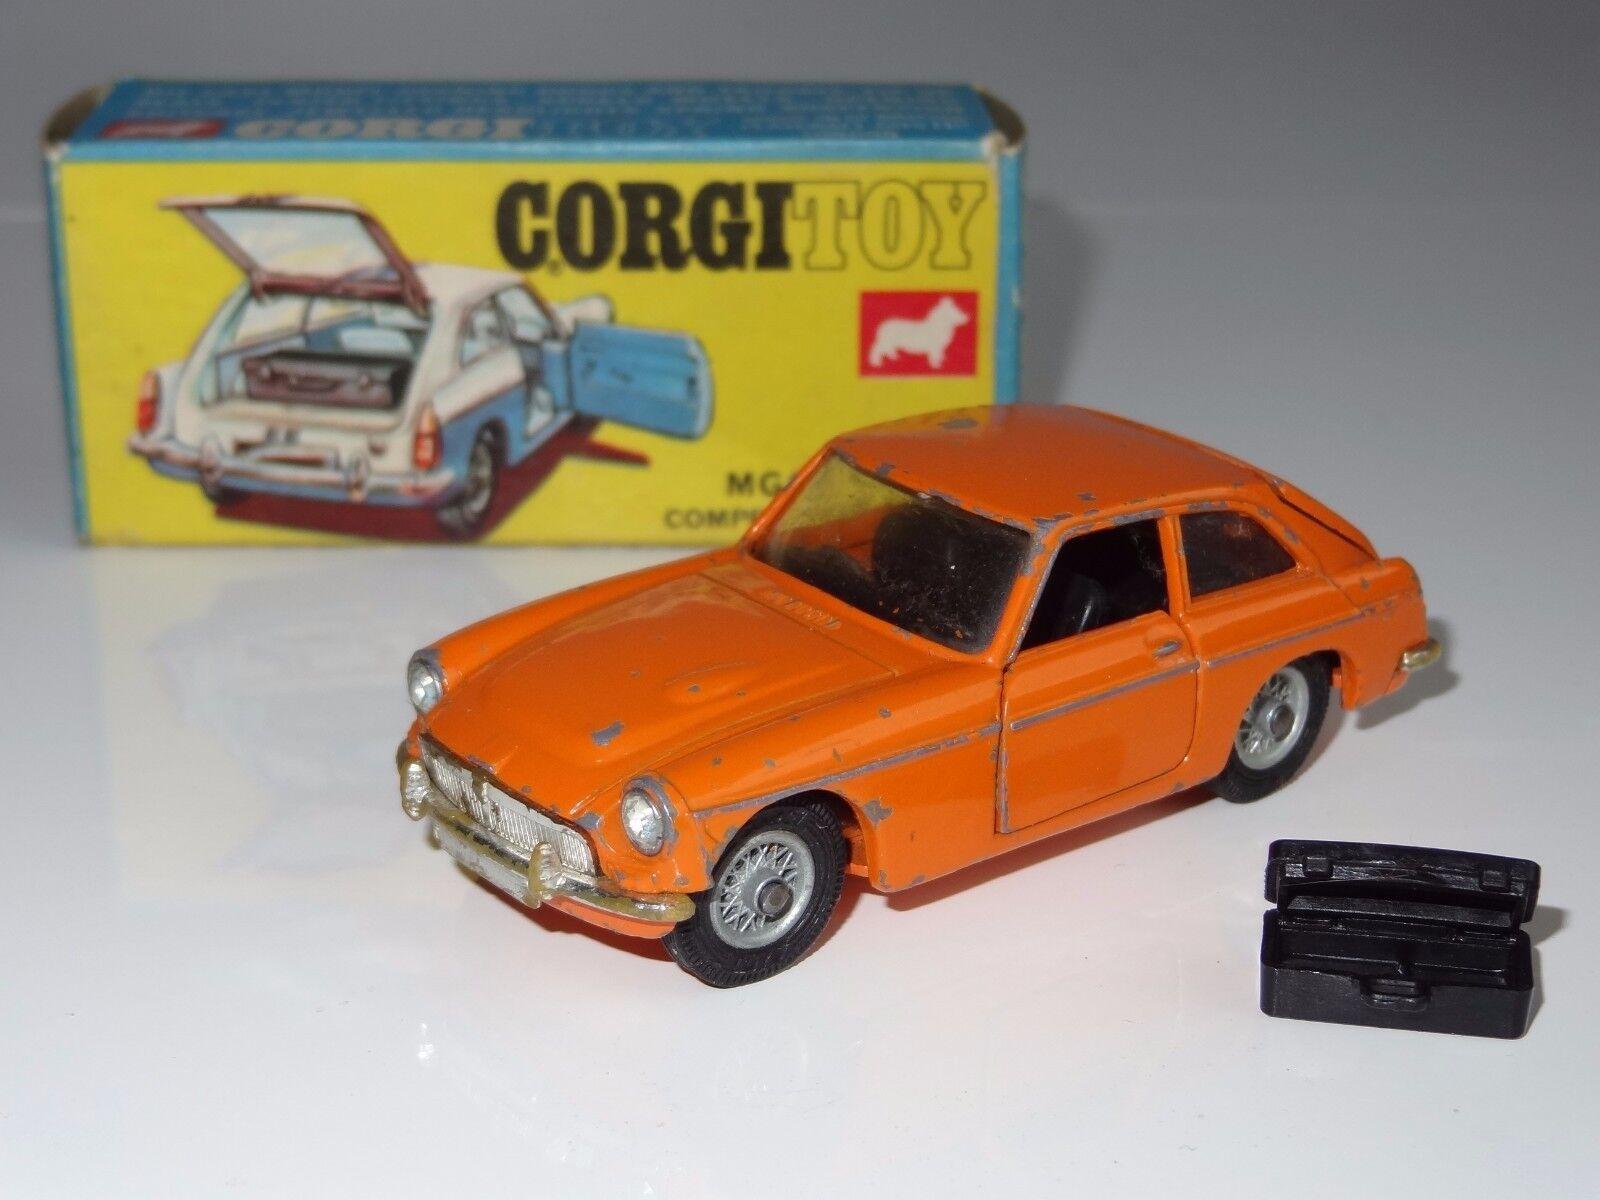 (V) CORGI MGCGT - 345 rare orange model